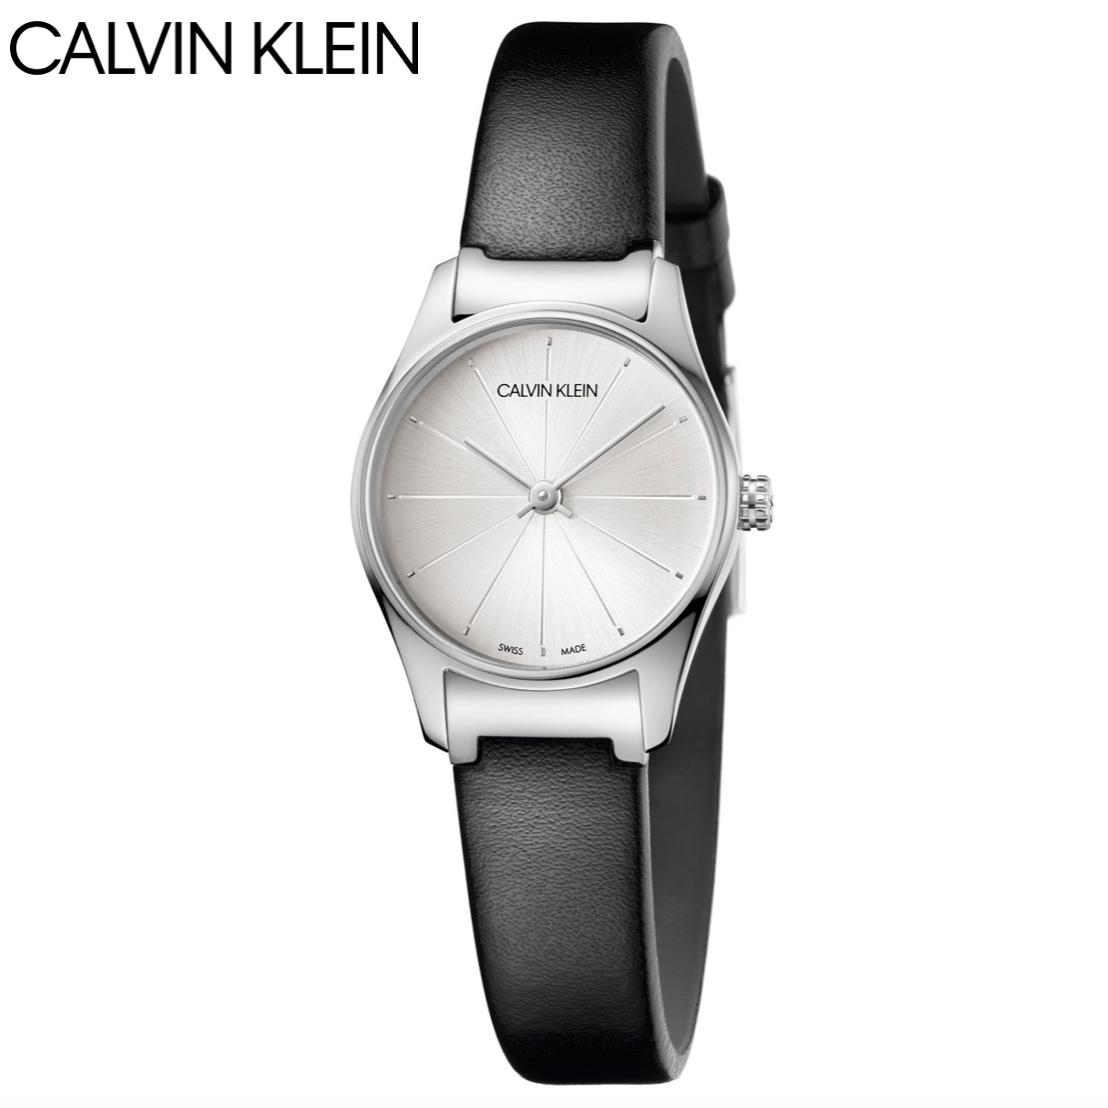 大台中時計 CALVIN KLEIN clssic too系列 極簡風格皮革腕錶 K4D231C6 -白/24mm